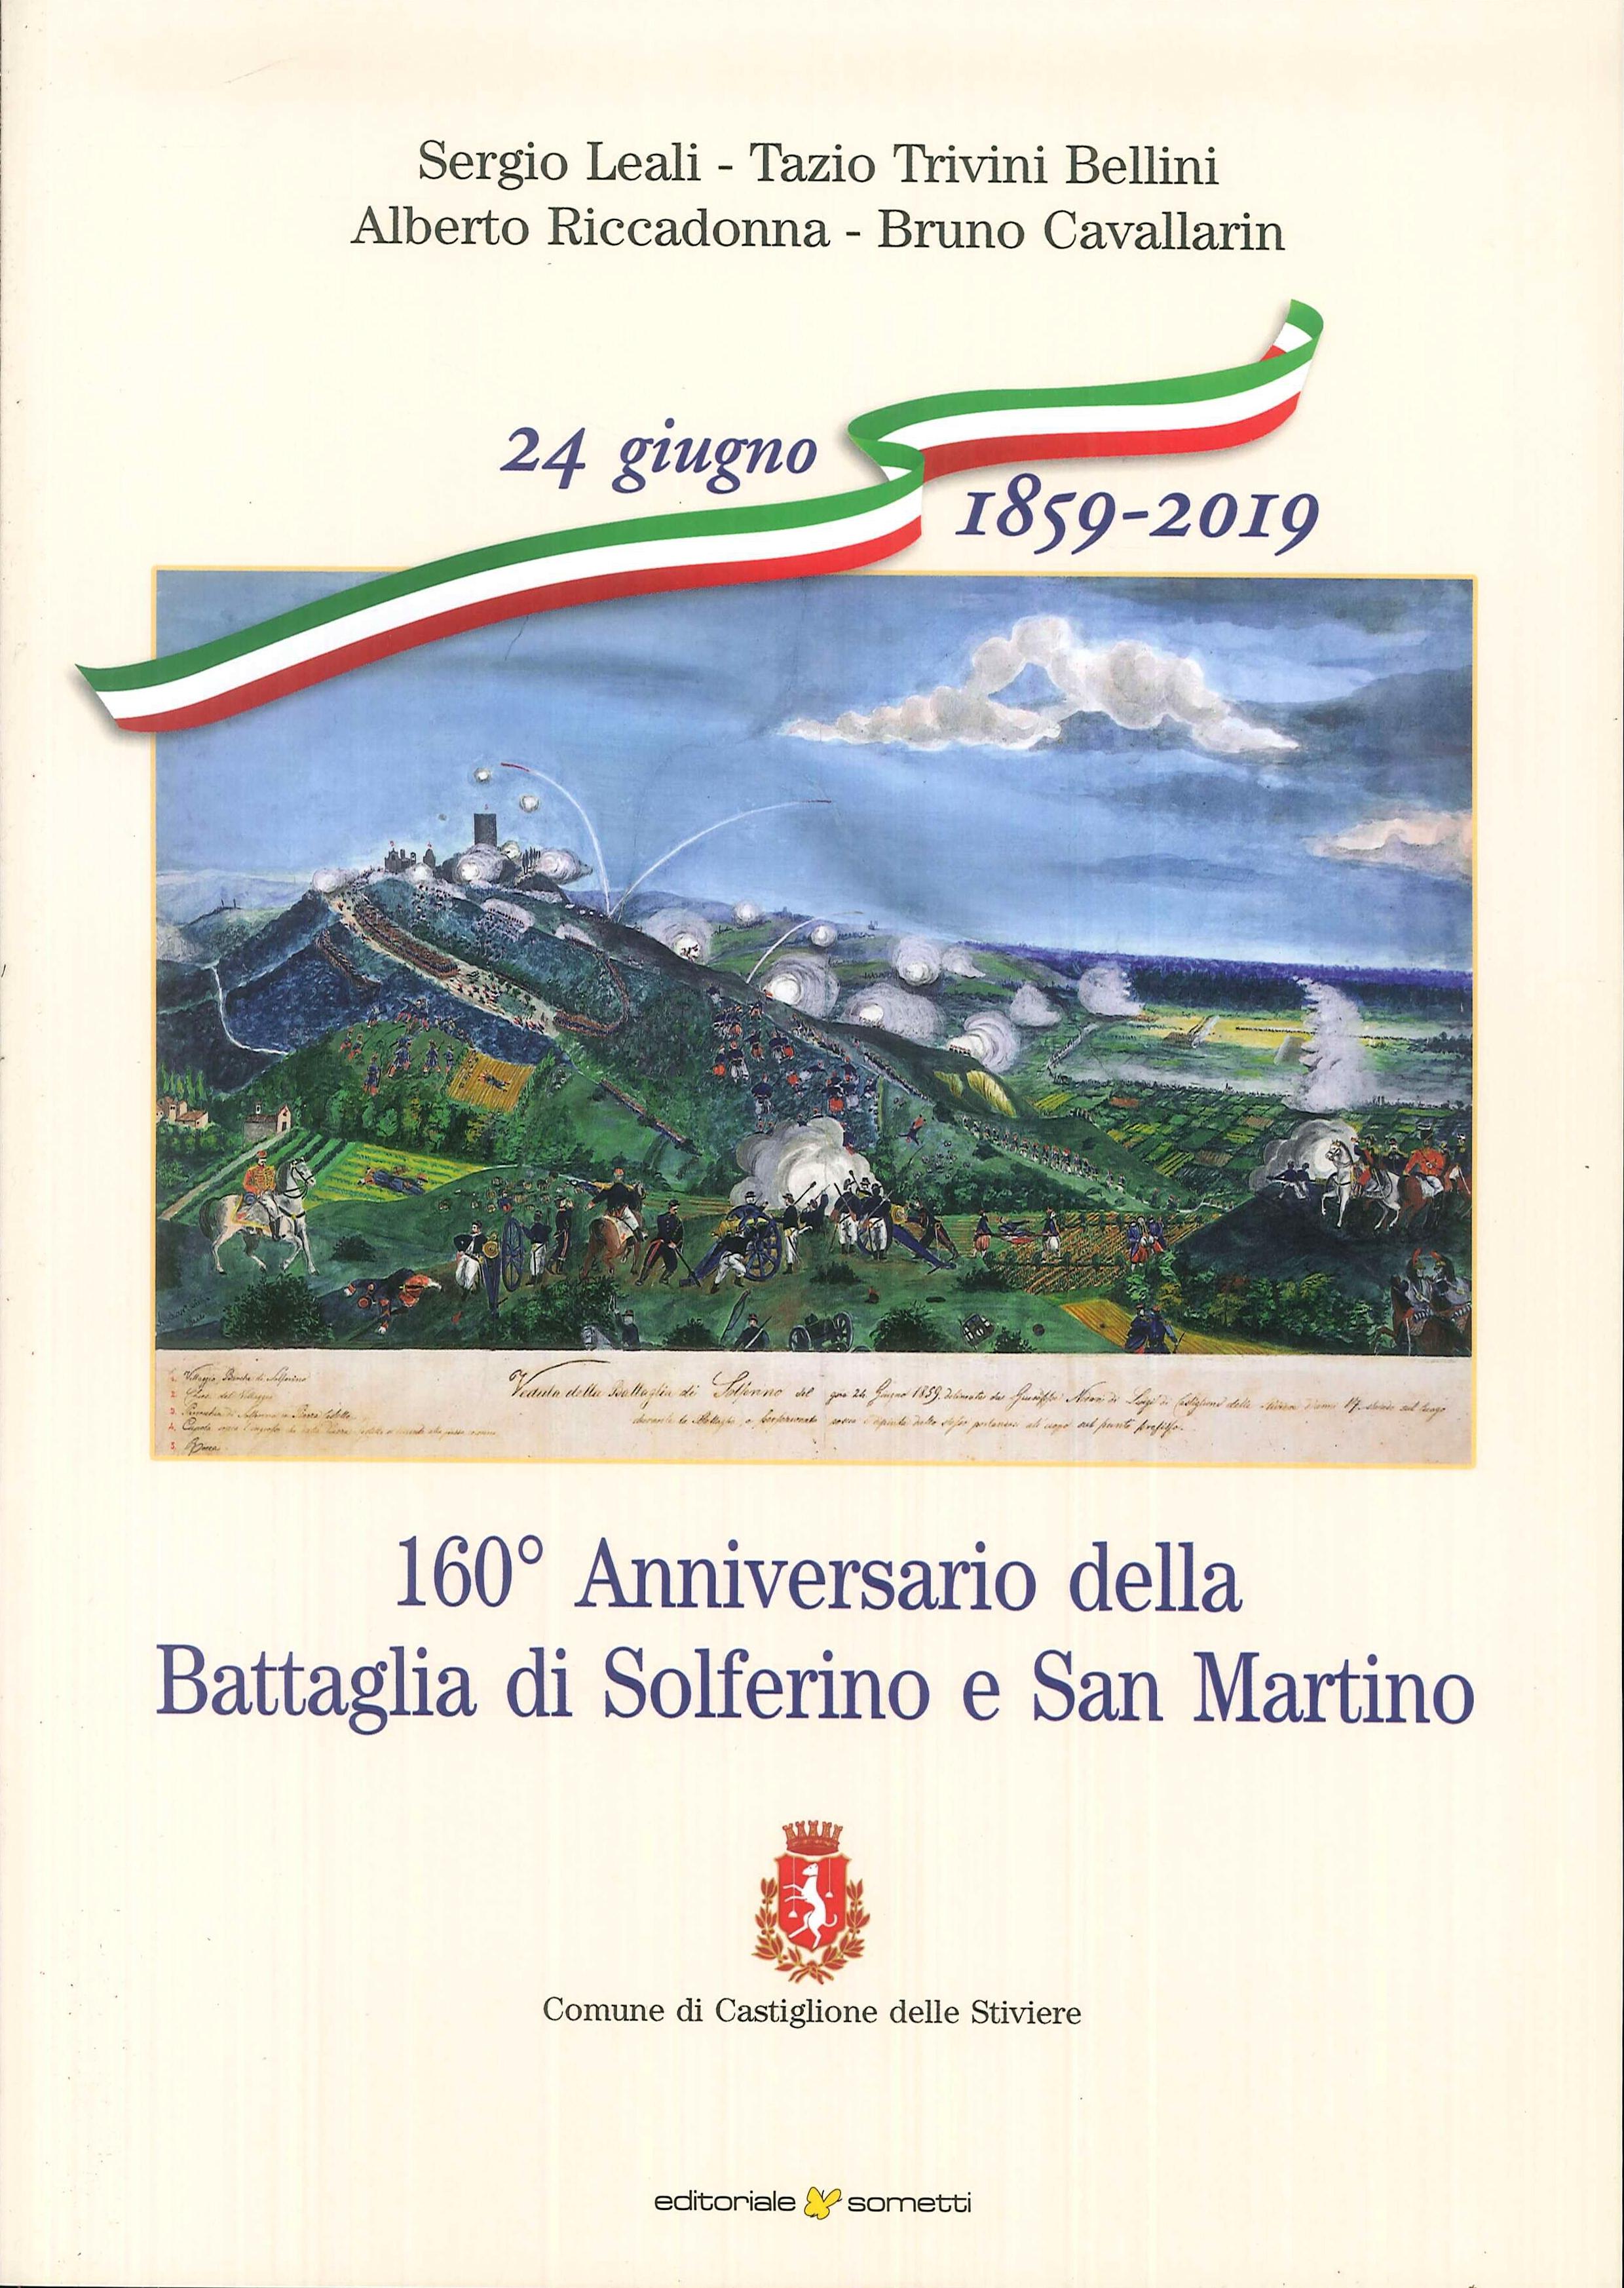 160° Anniversario della Battaglia di Solferino e San Martino